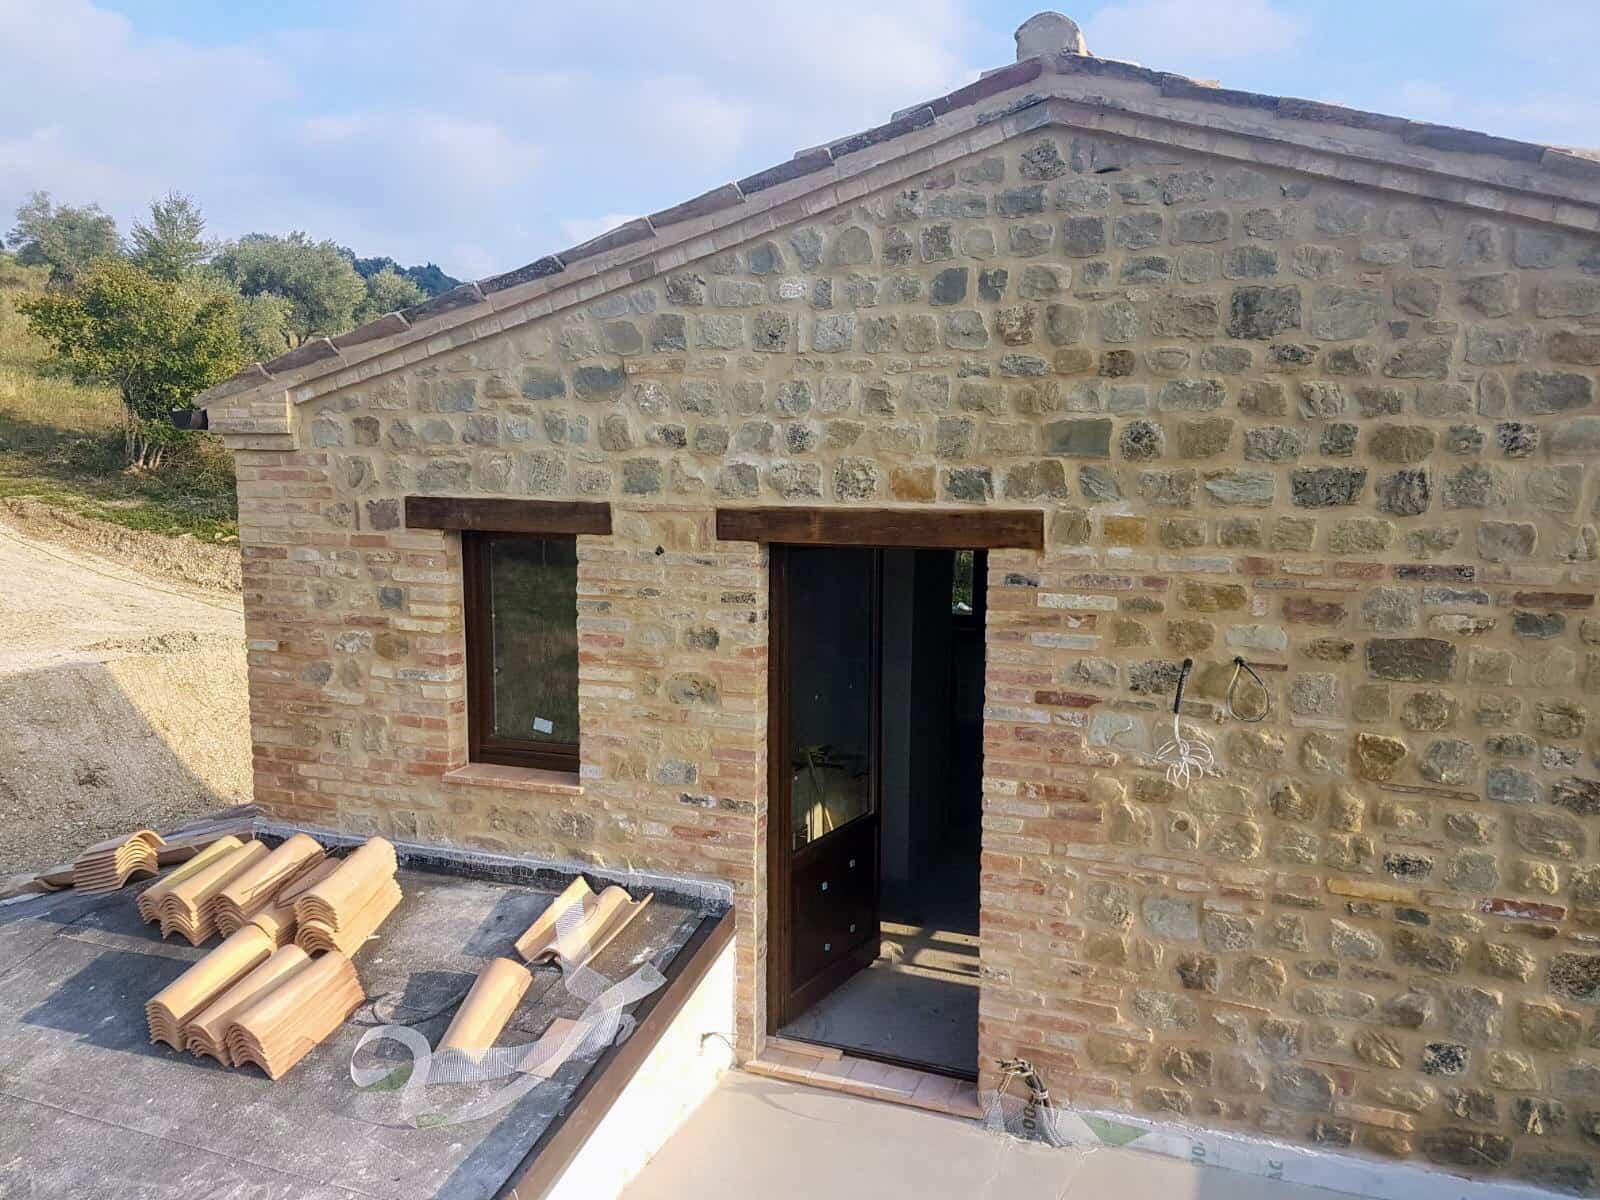 Terrazza with Door Installed